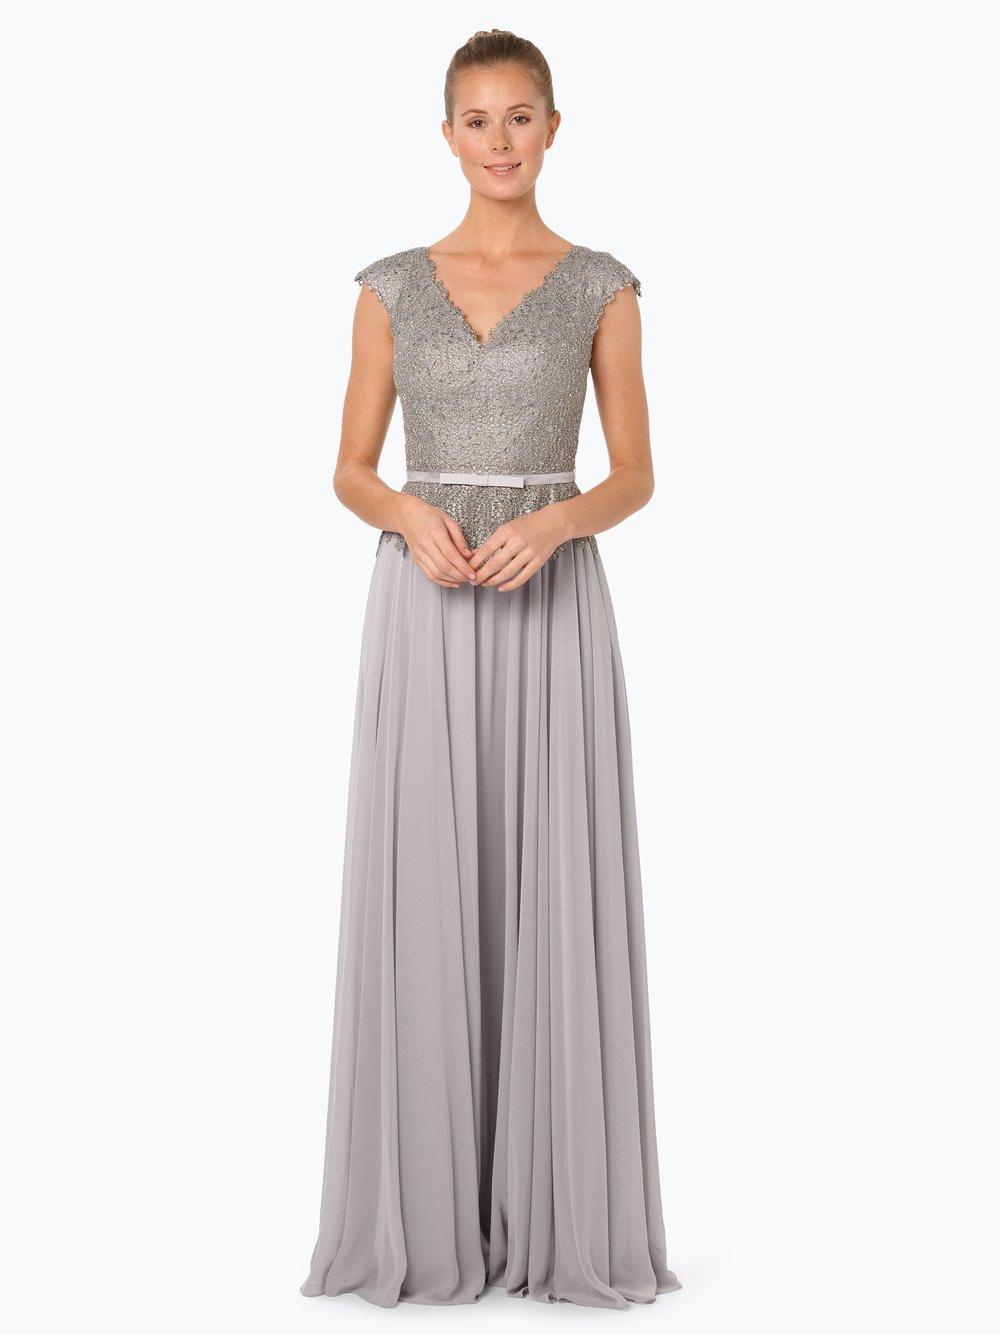 20 Fantastisch Abendkleid Online StylishAbend Genial Abendkleid Online Vertrieb